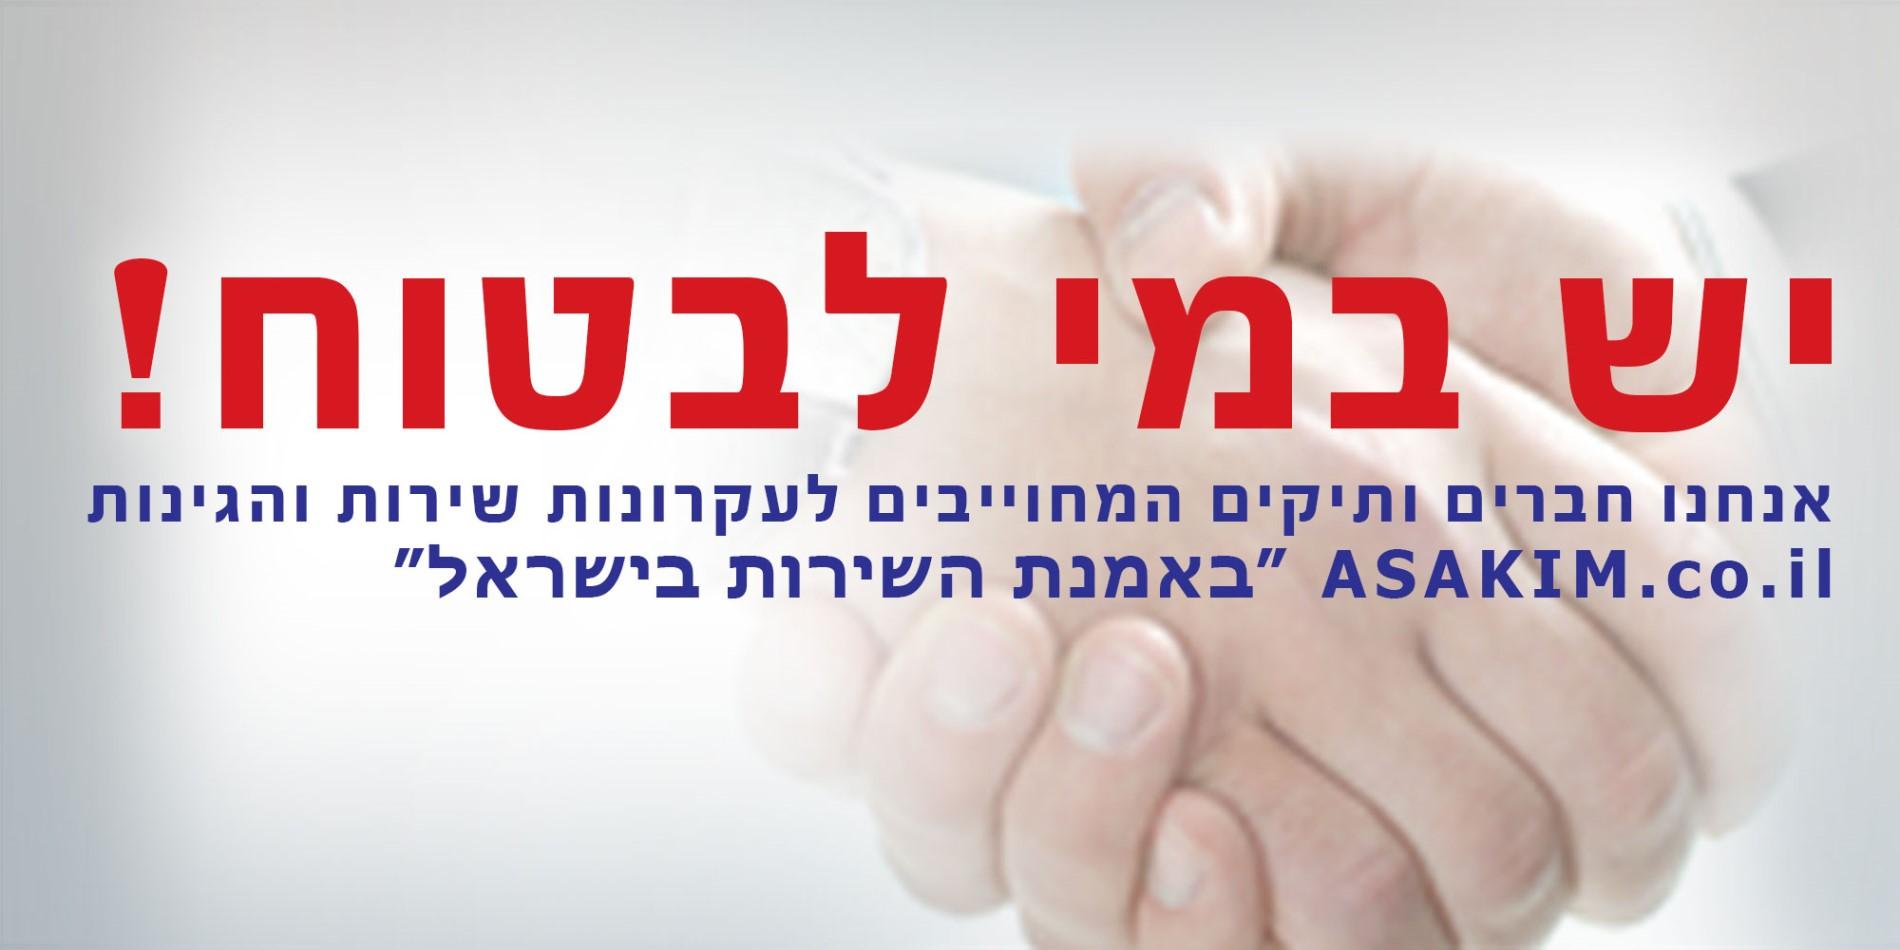 עברית ותיק